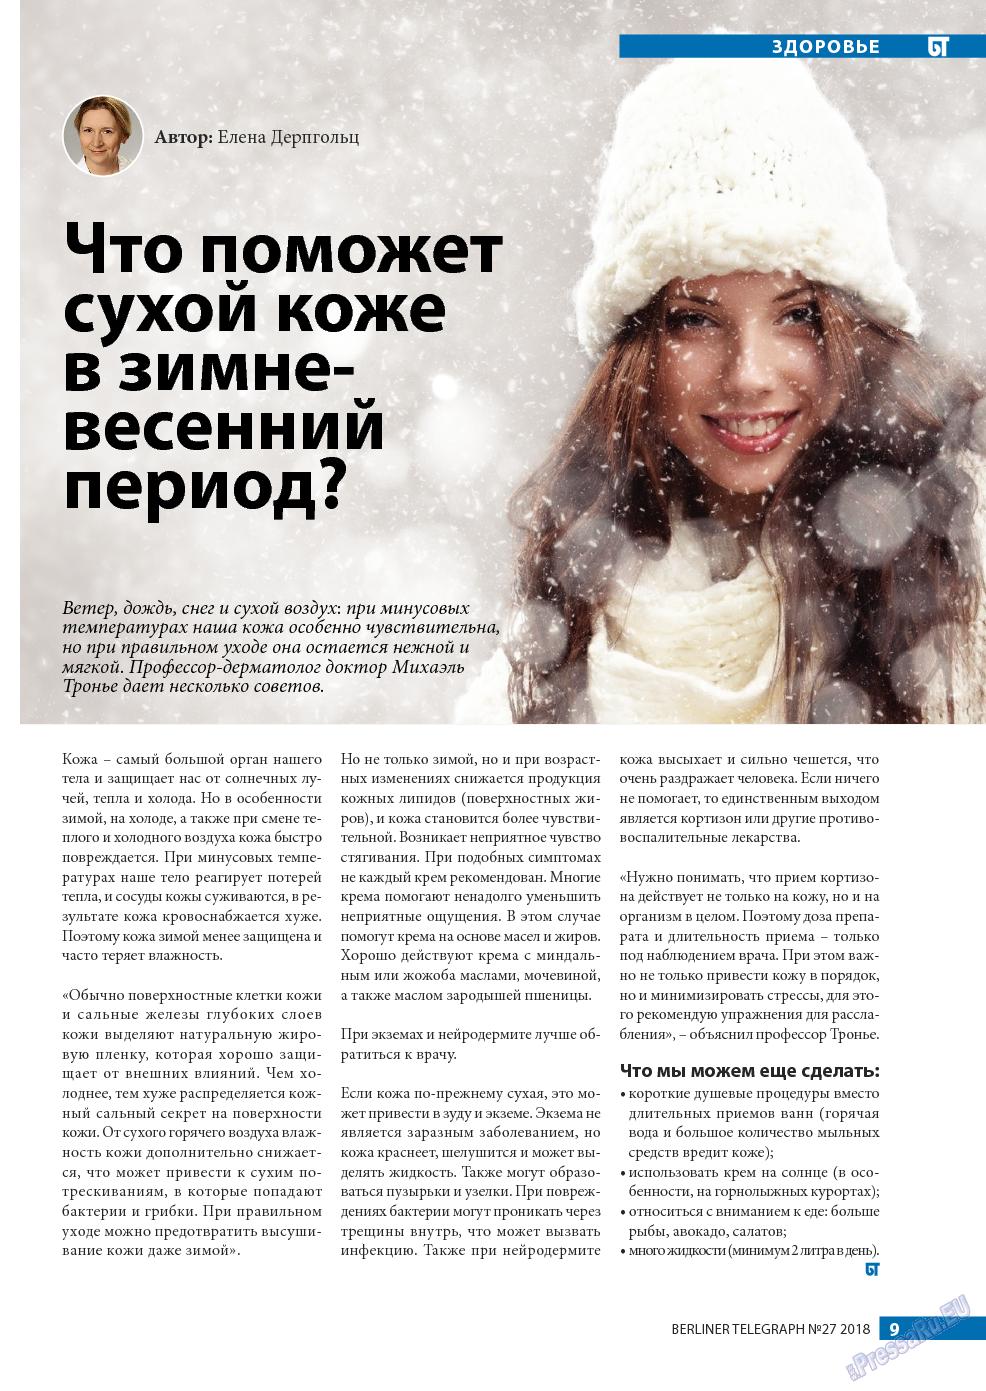 Берлинский телеграф (журнал). 2018 год, номер 27, стр. 9